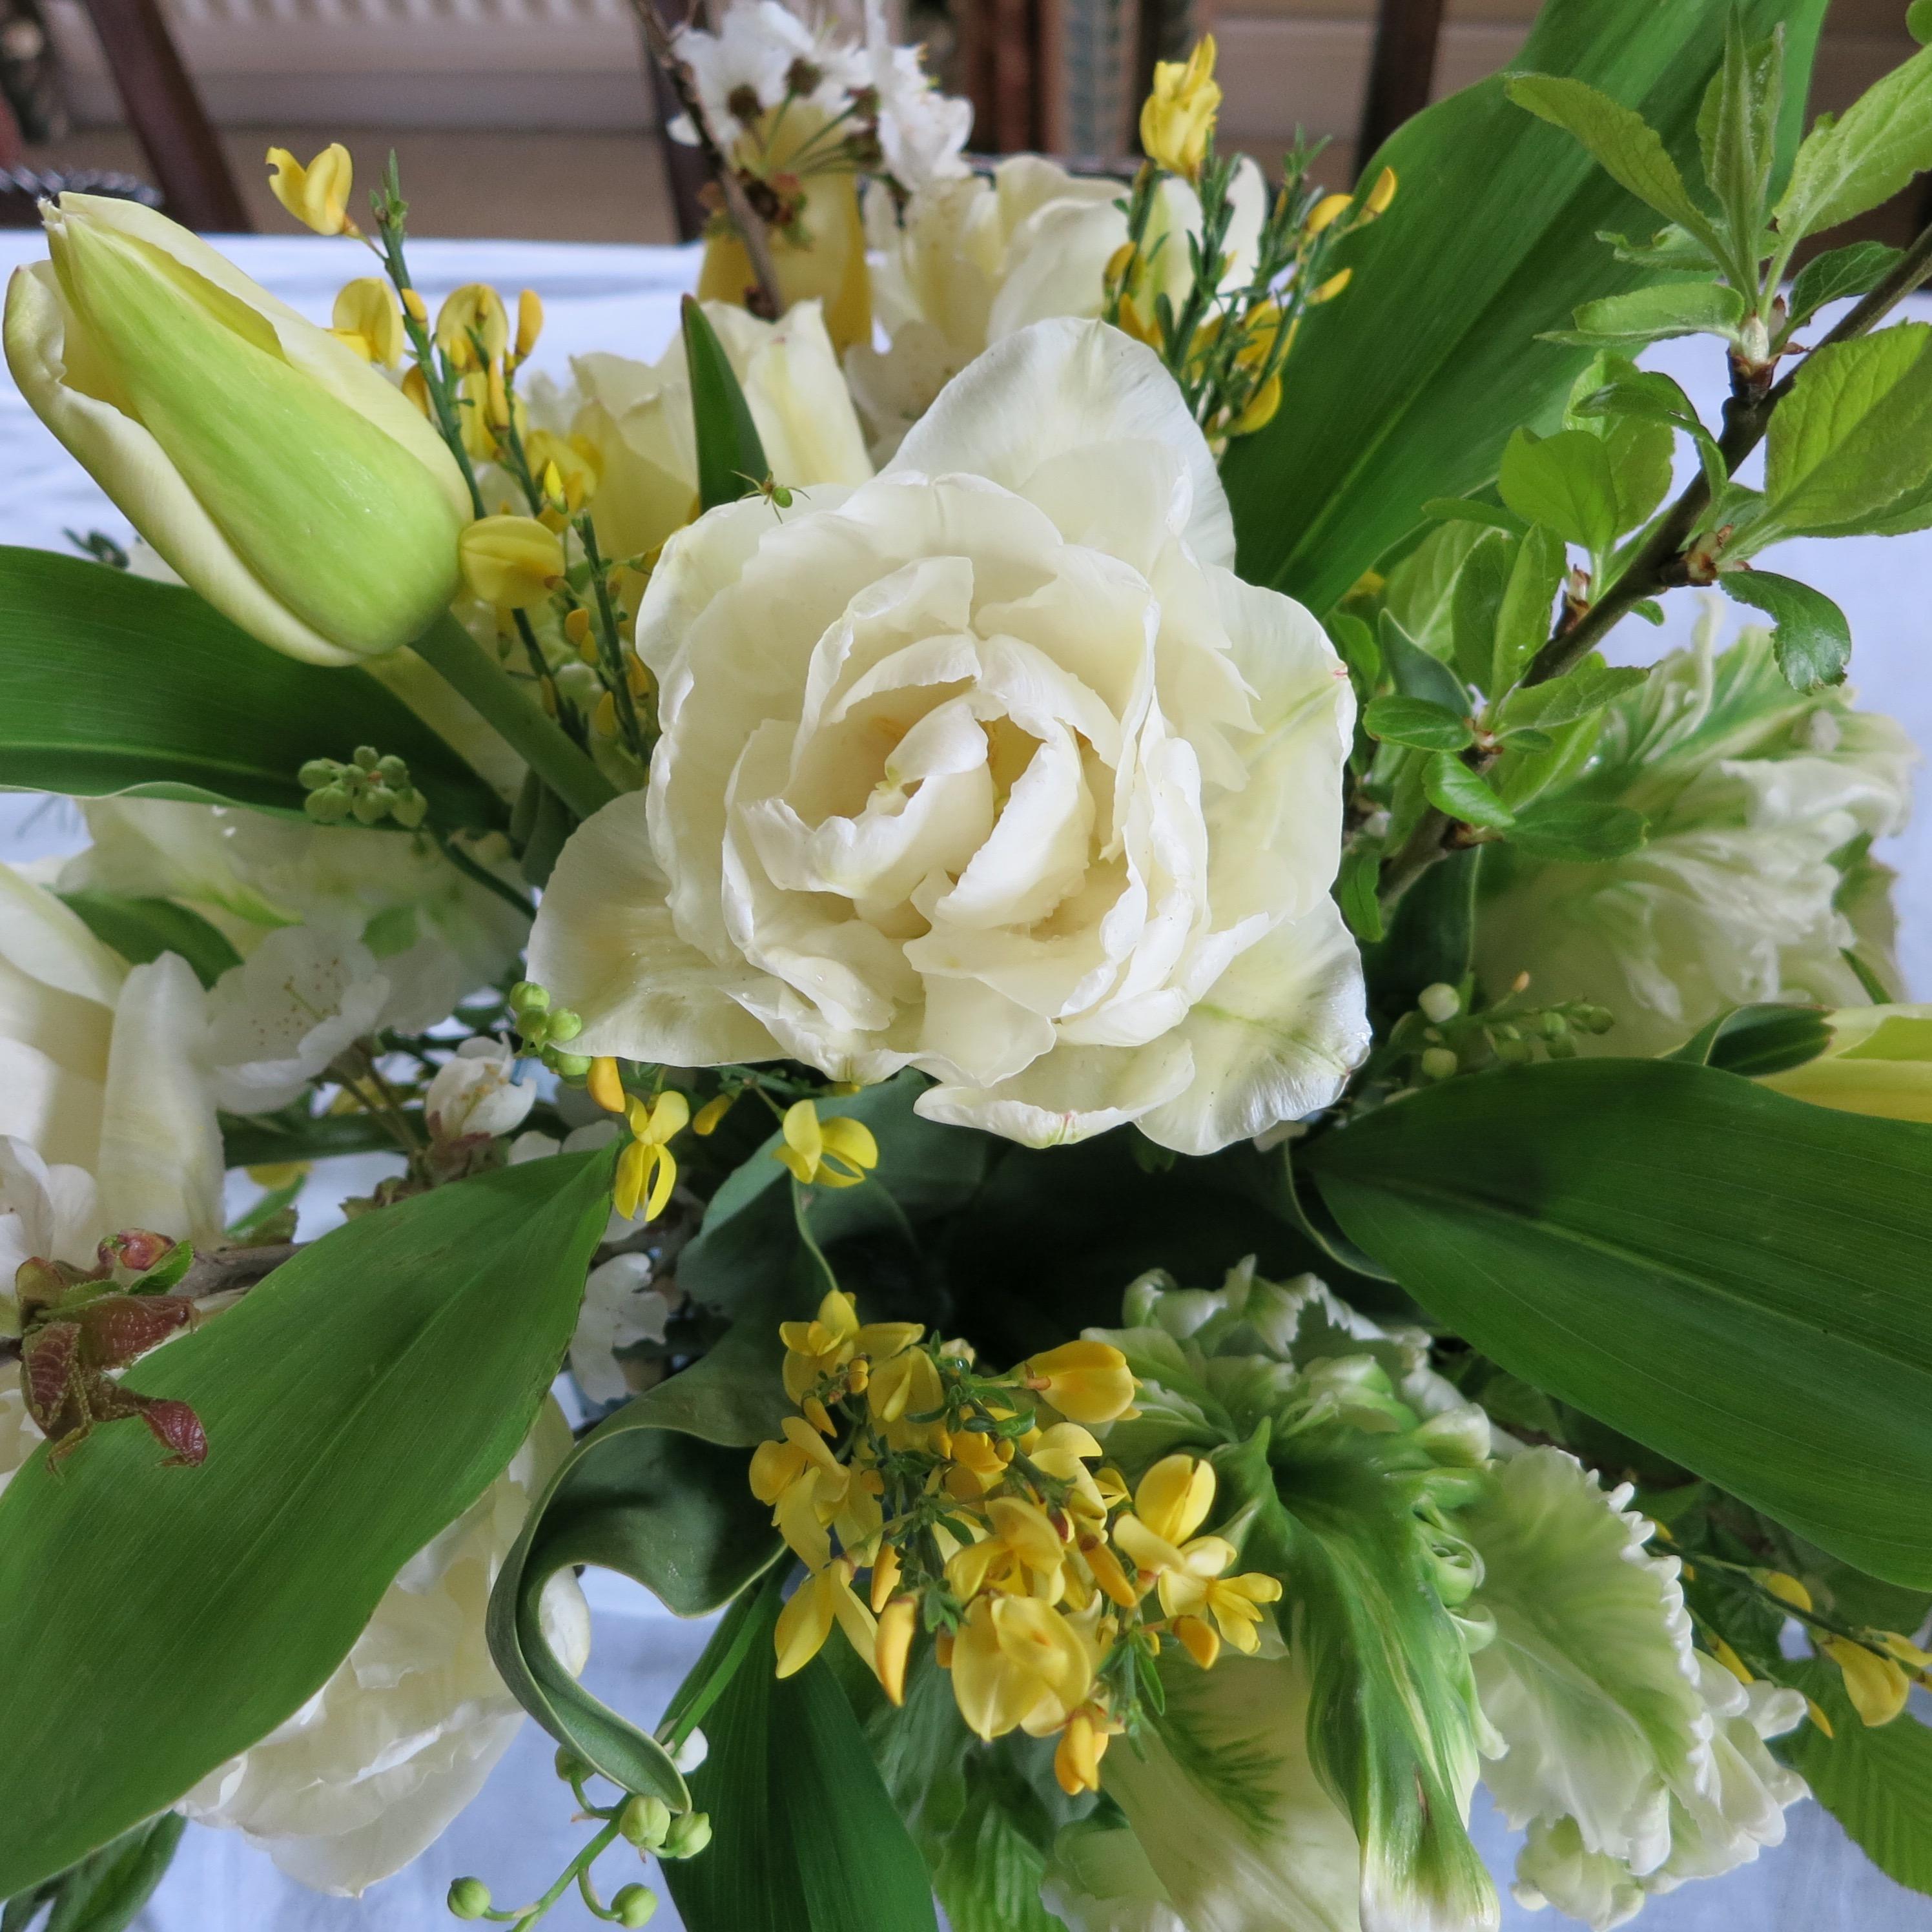 Spring-golden-wedding-table-arrangement